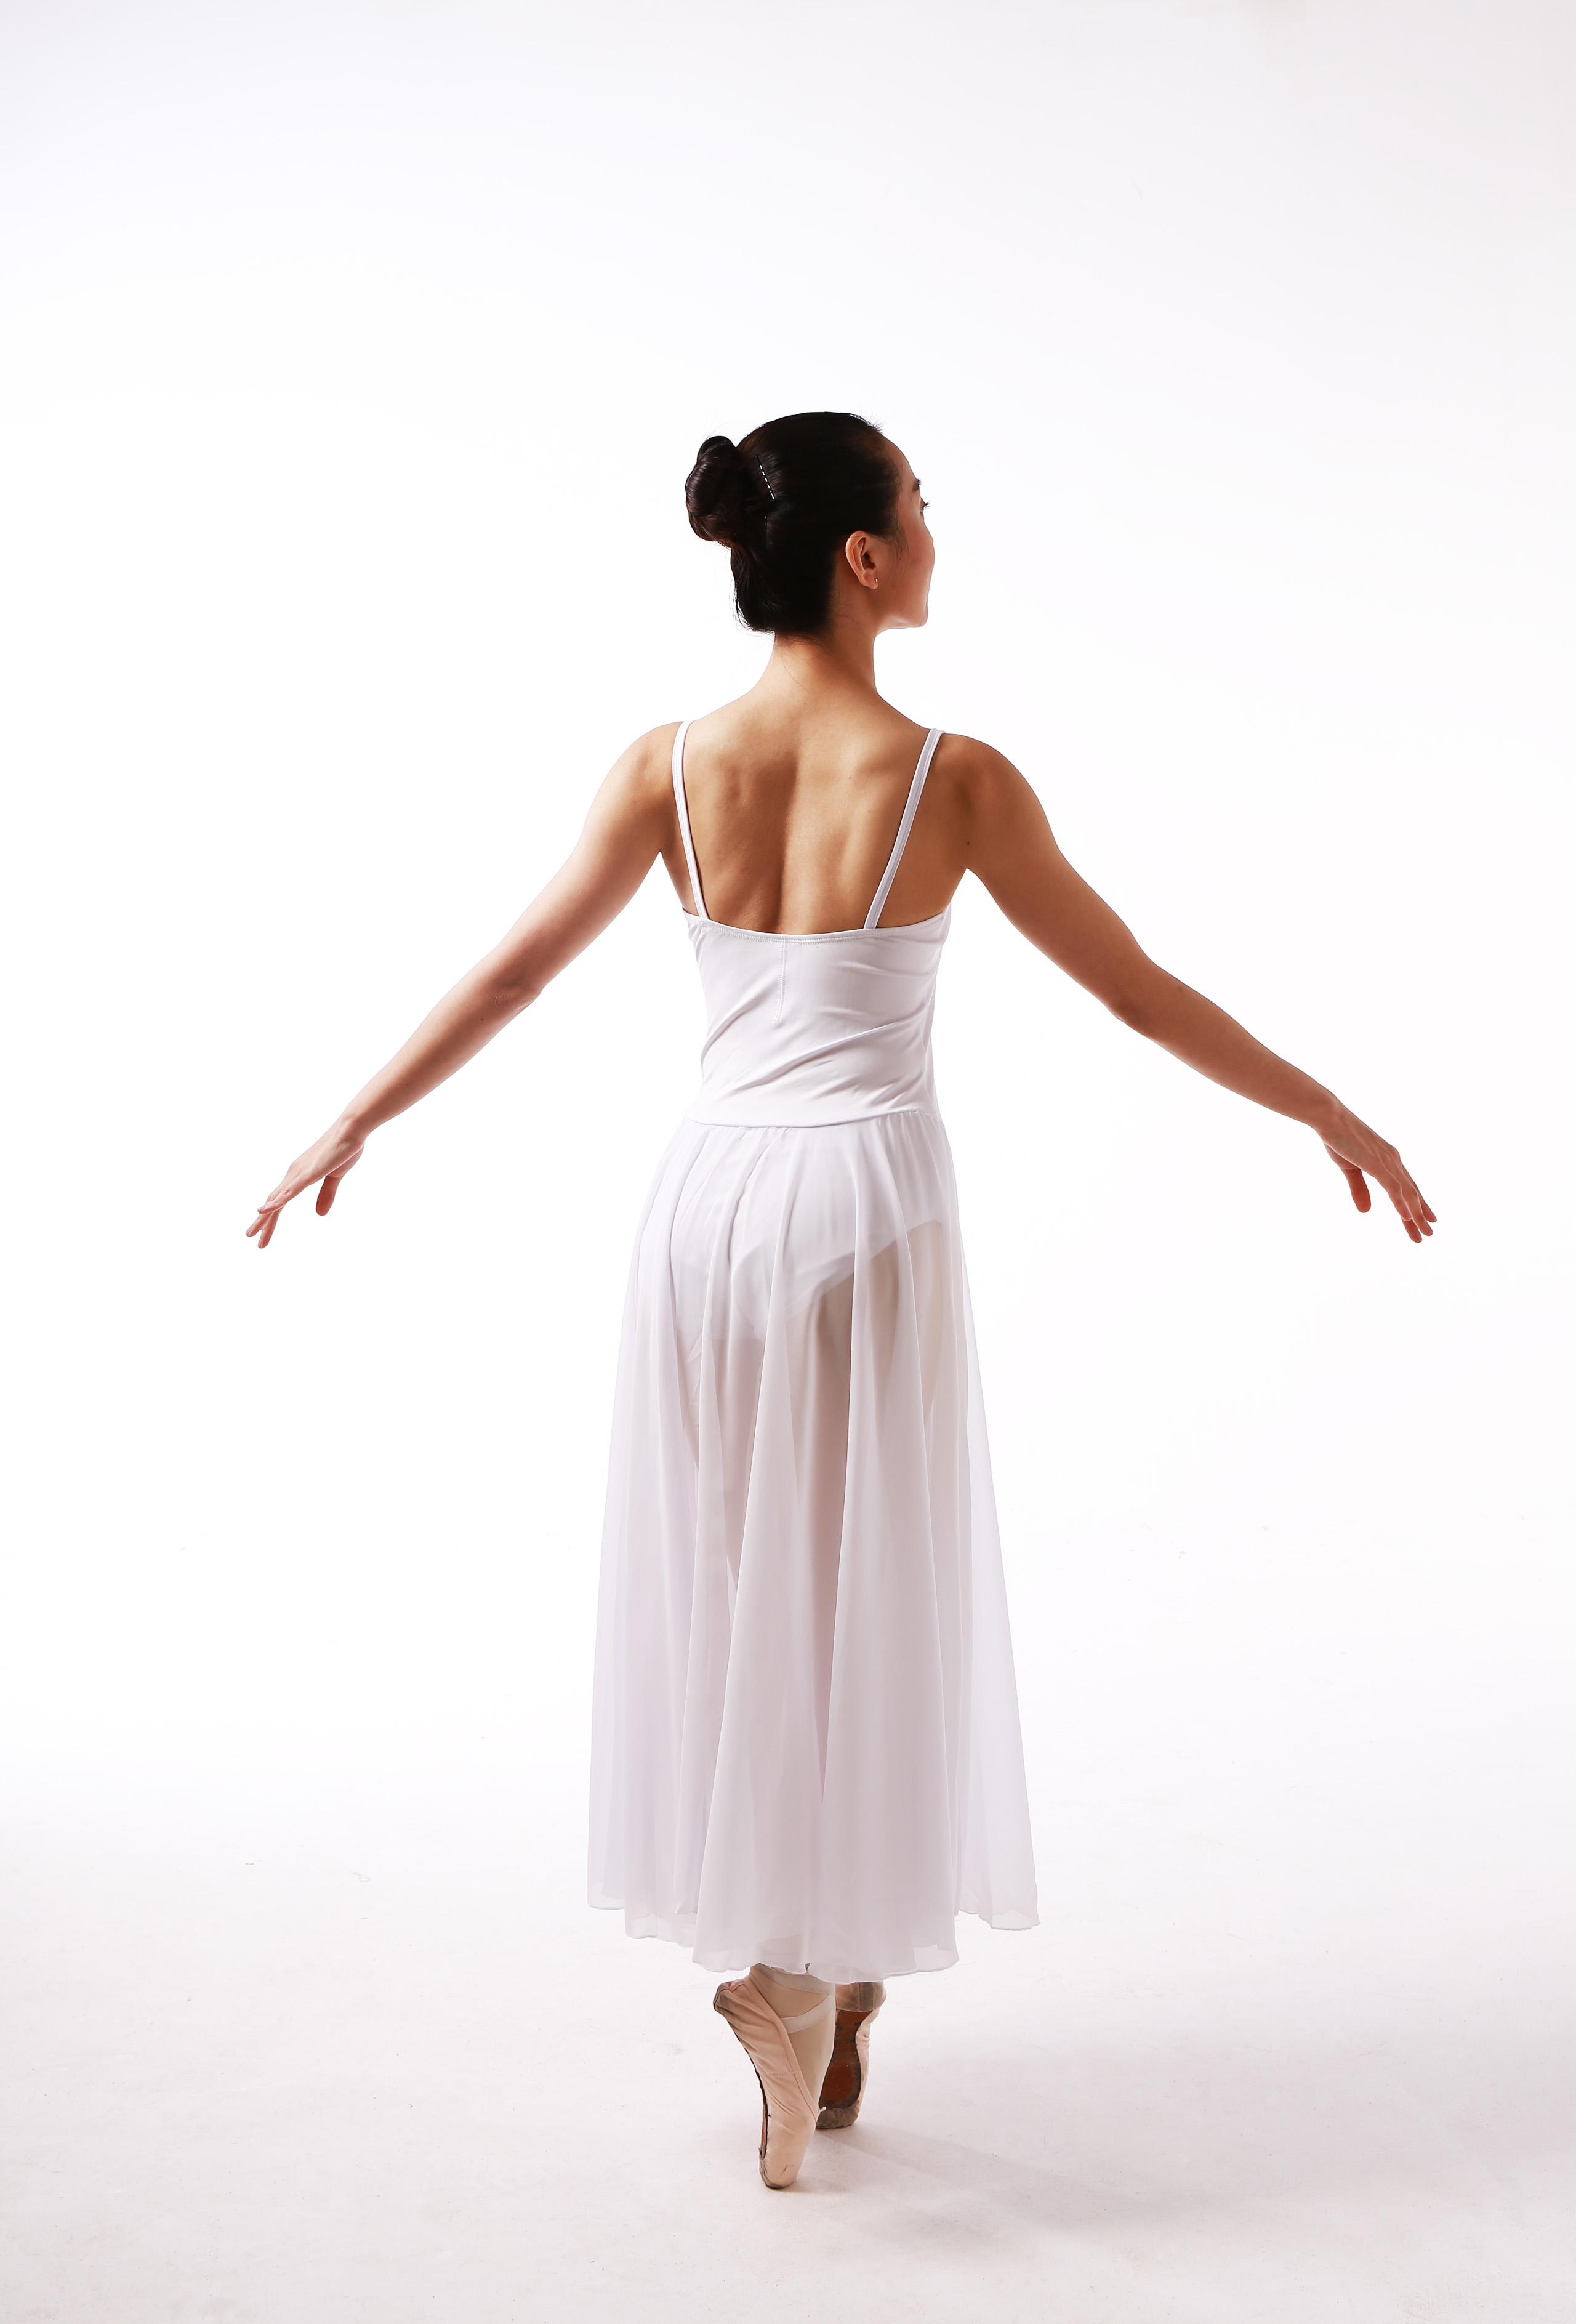 吊带雪纺长裙专业成人女芭蕾舞蹈服练功服连体服连衣裙表演服艺考